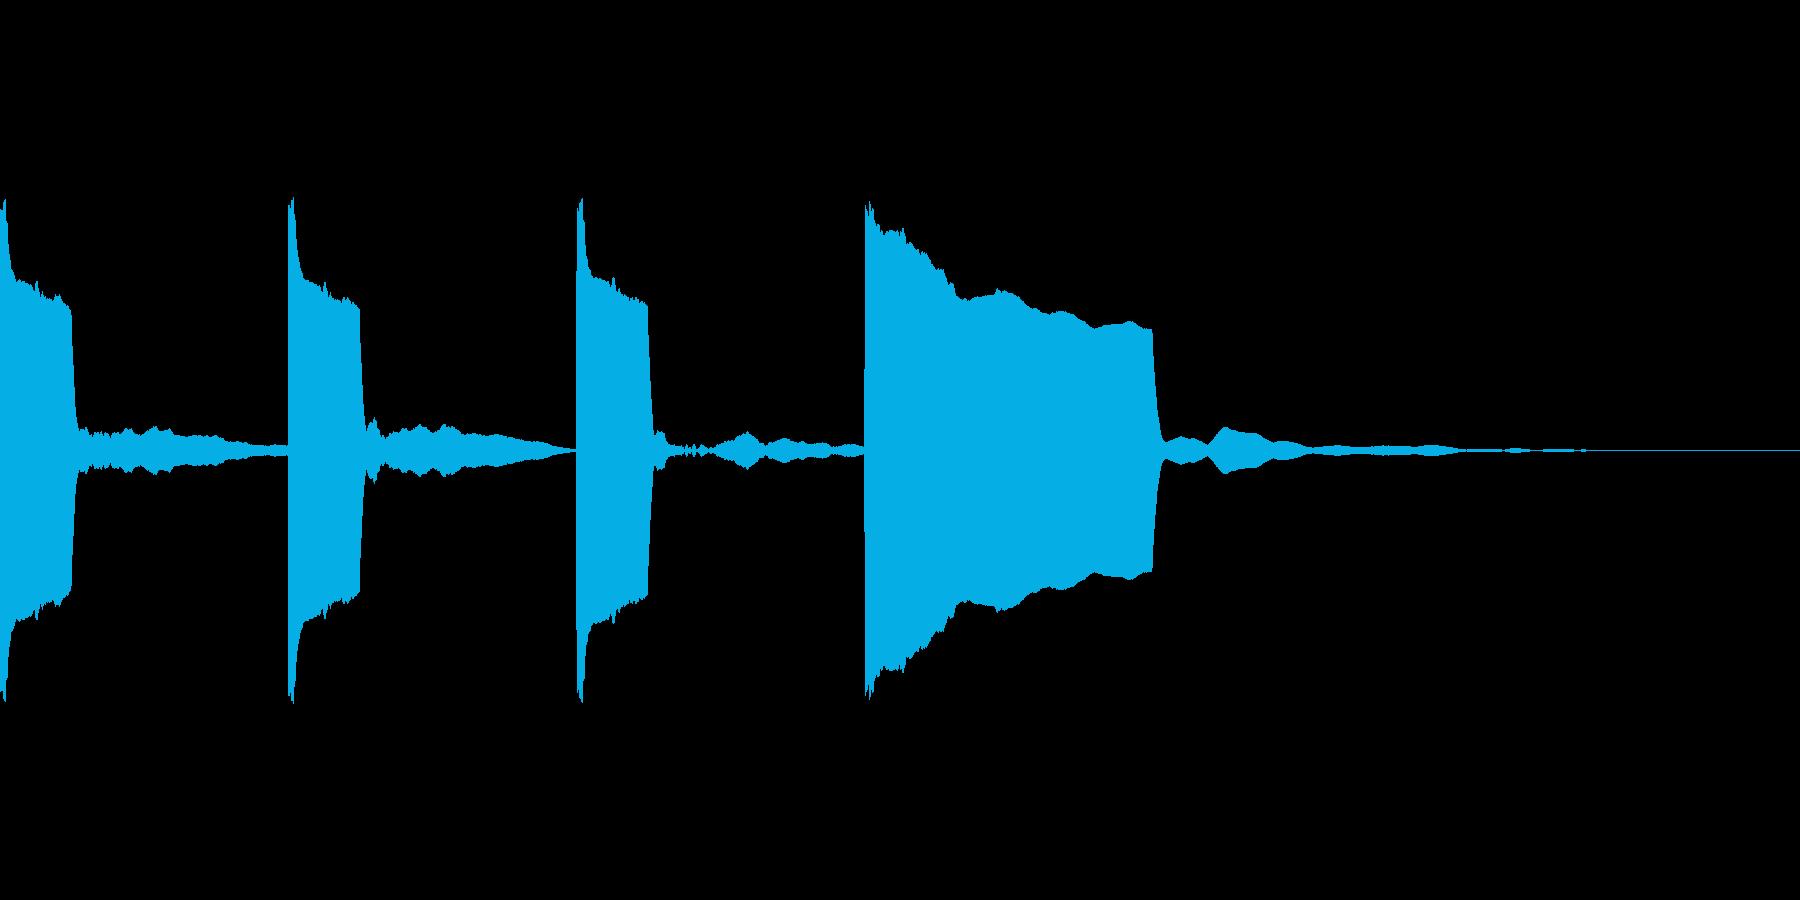 カウントダウン3.2.1.Go!!の再生済みの波形